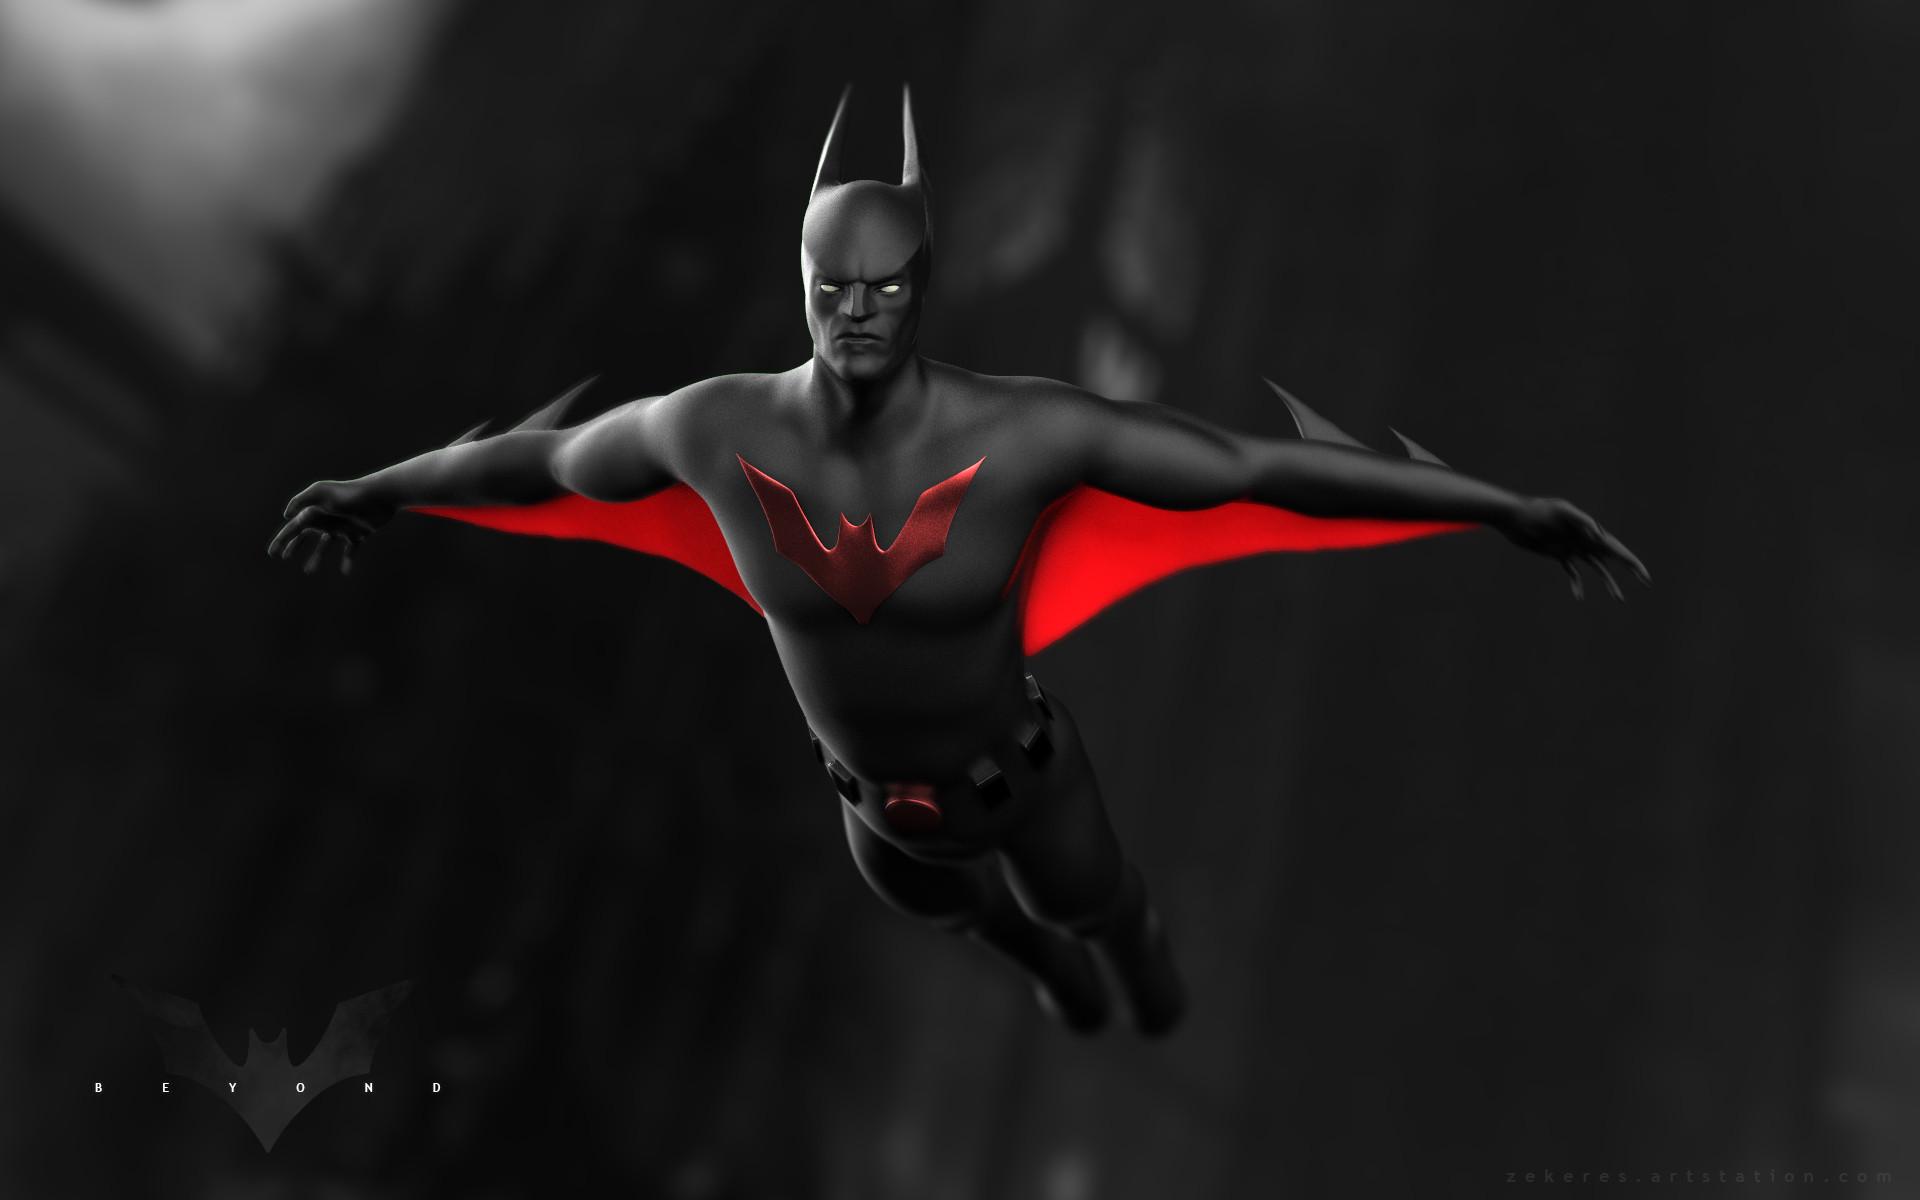 Peter zekeres batmanbeyond